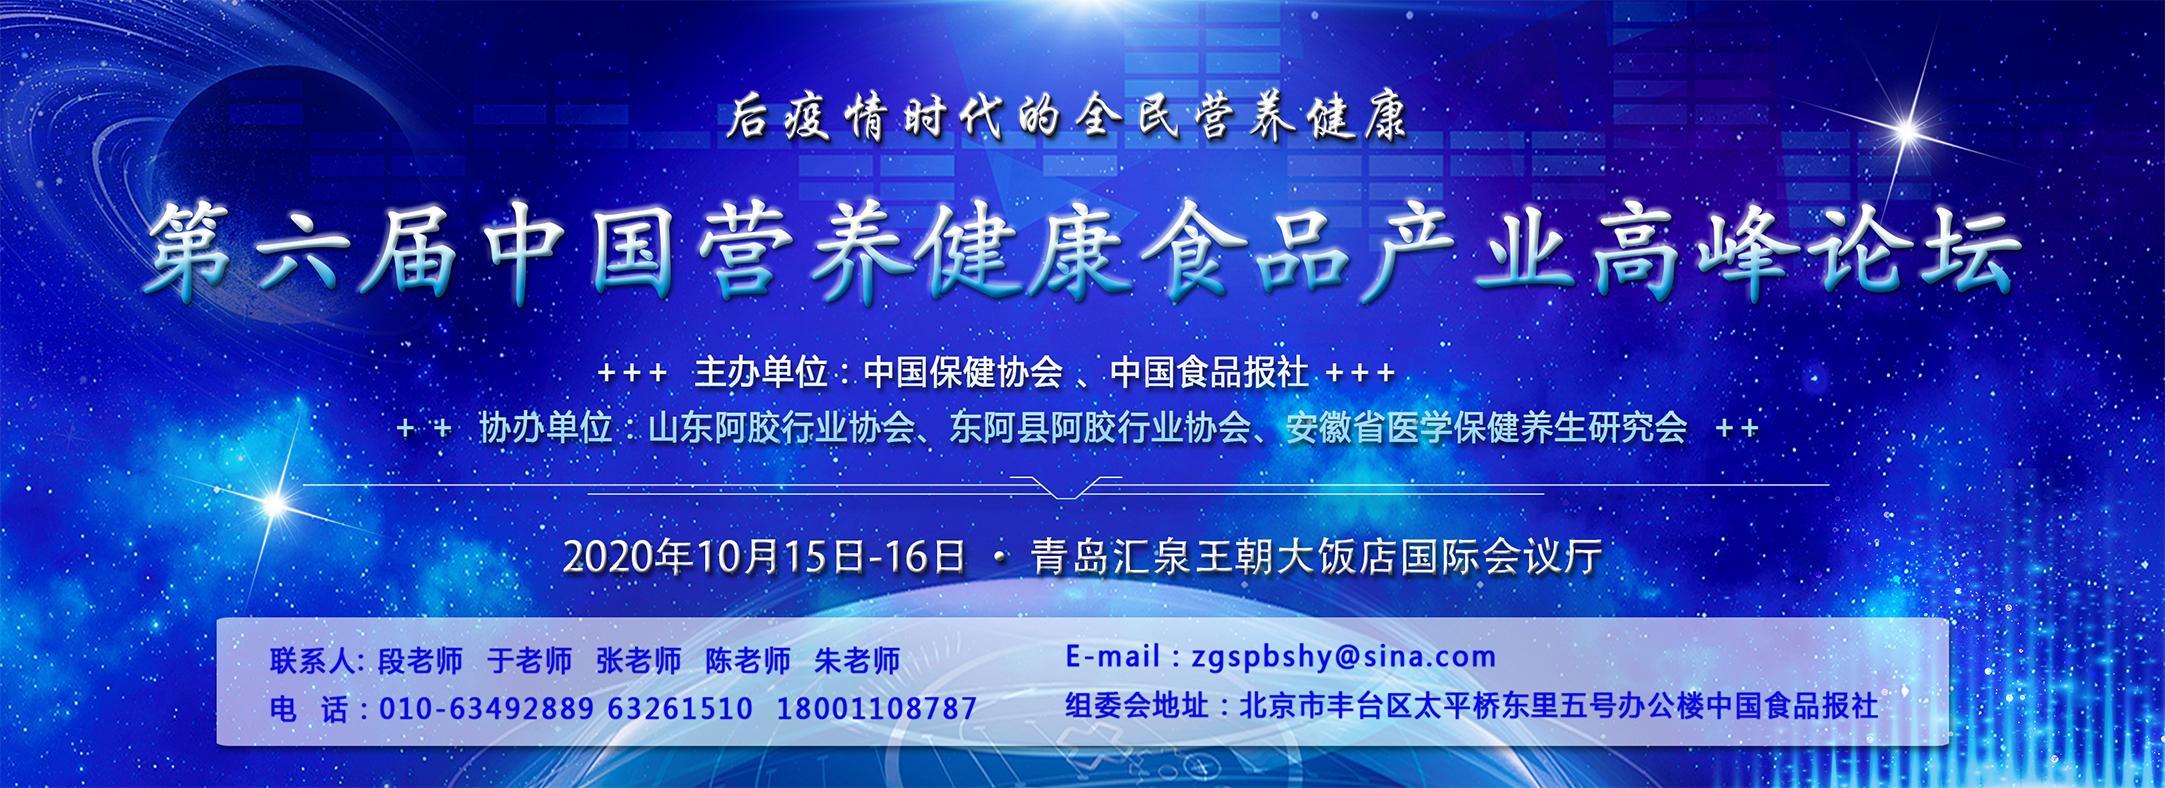 第六届中国营养健康乐虎体育app产业高峰论坛